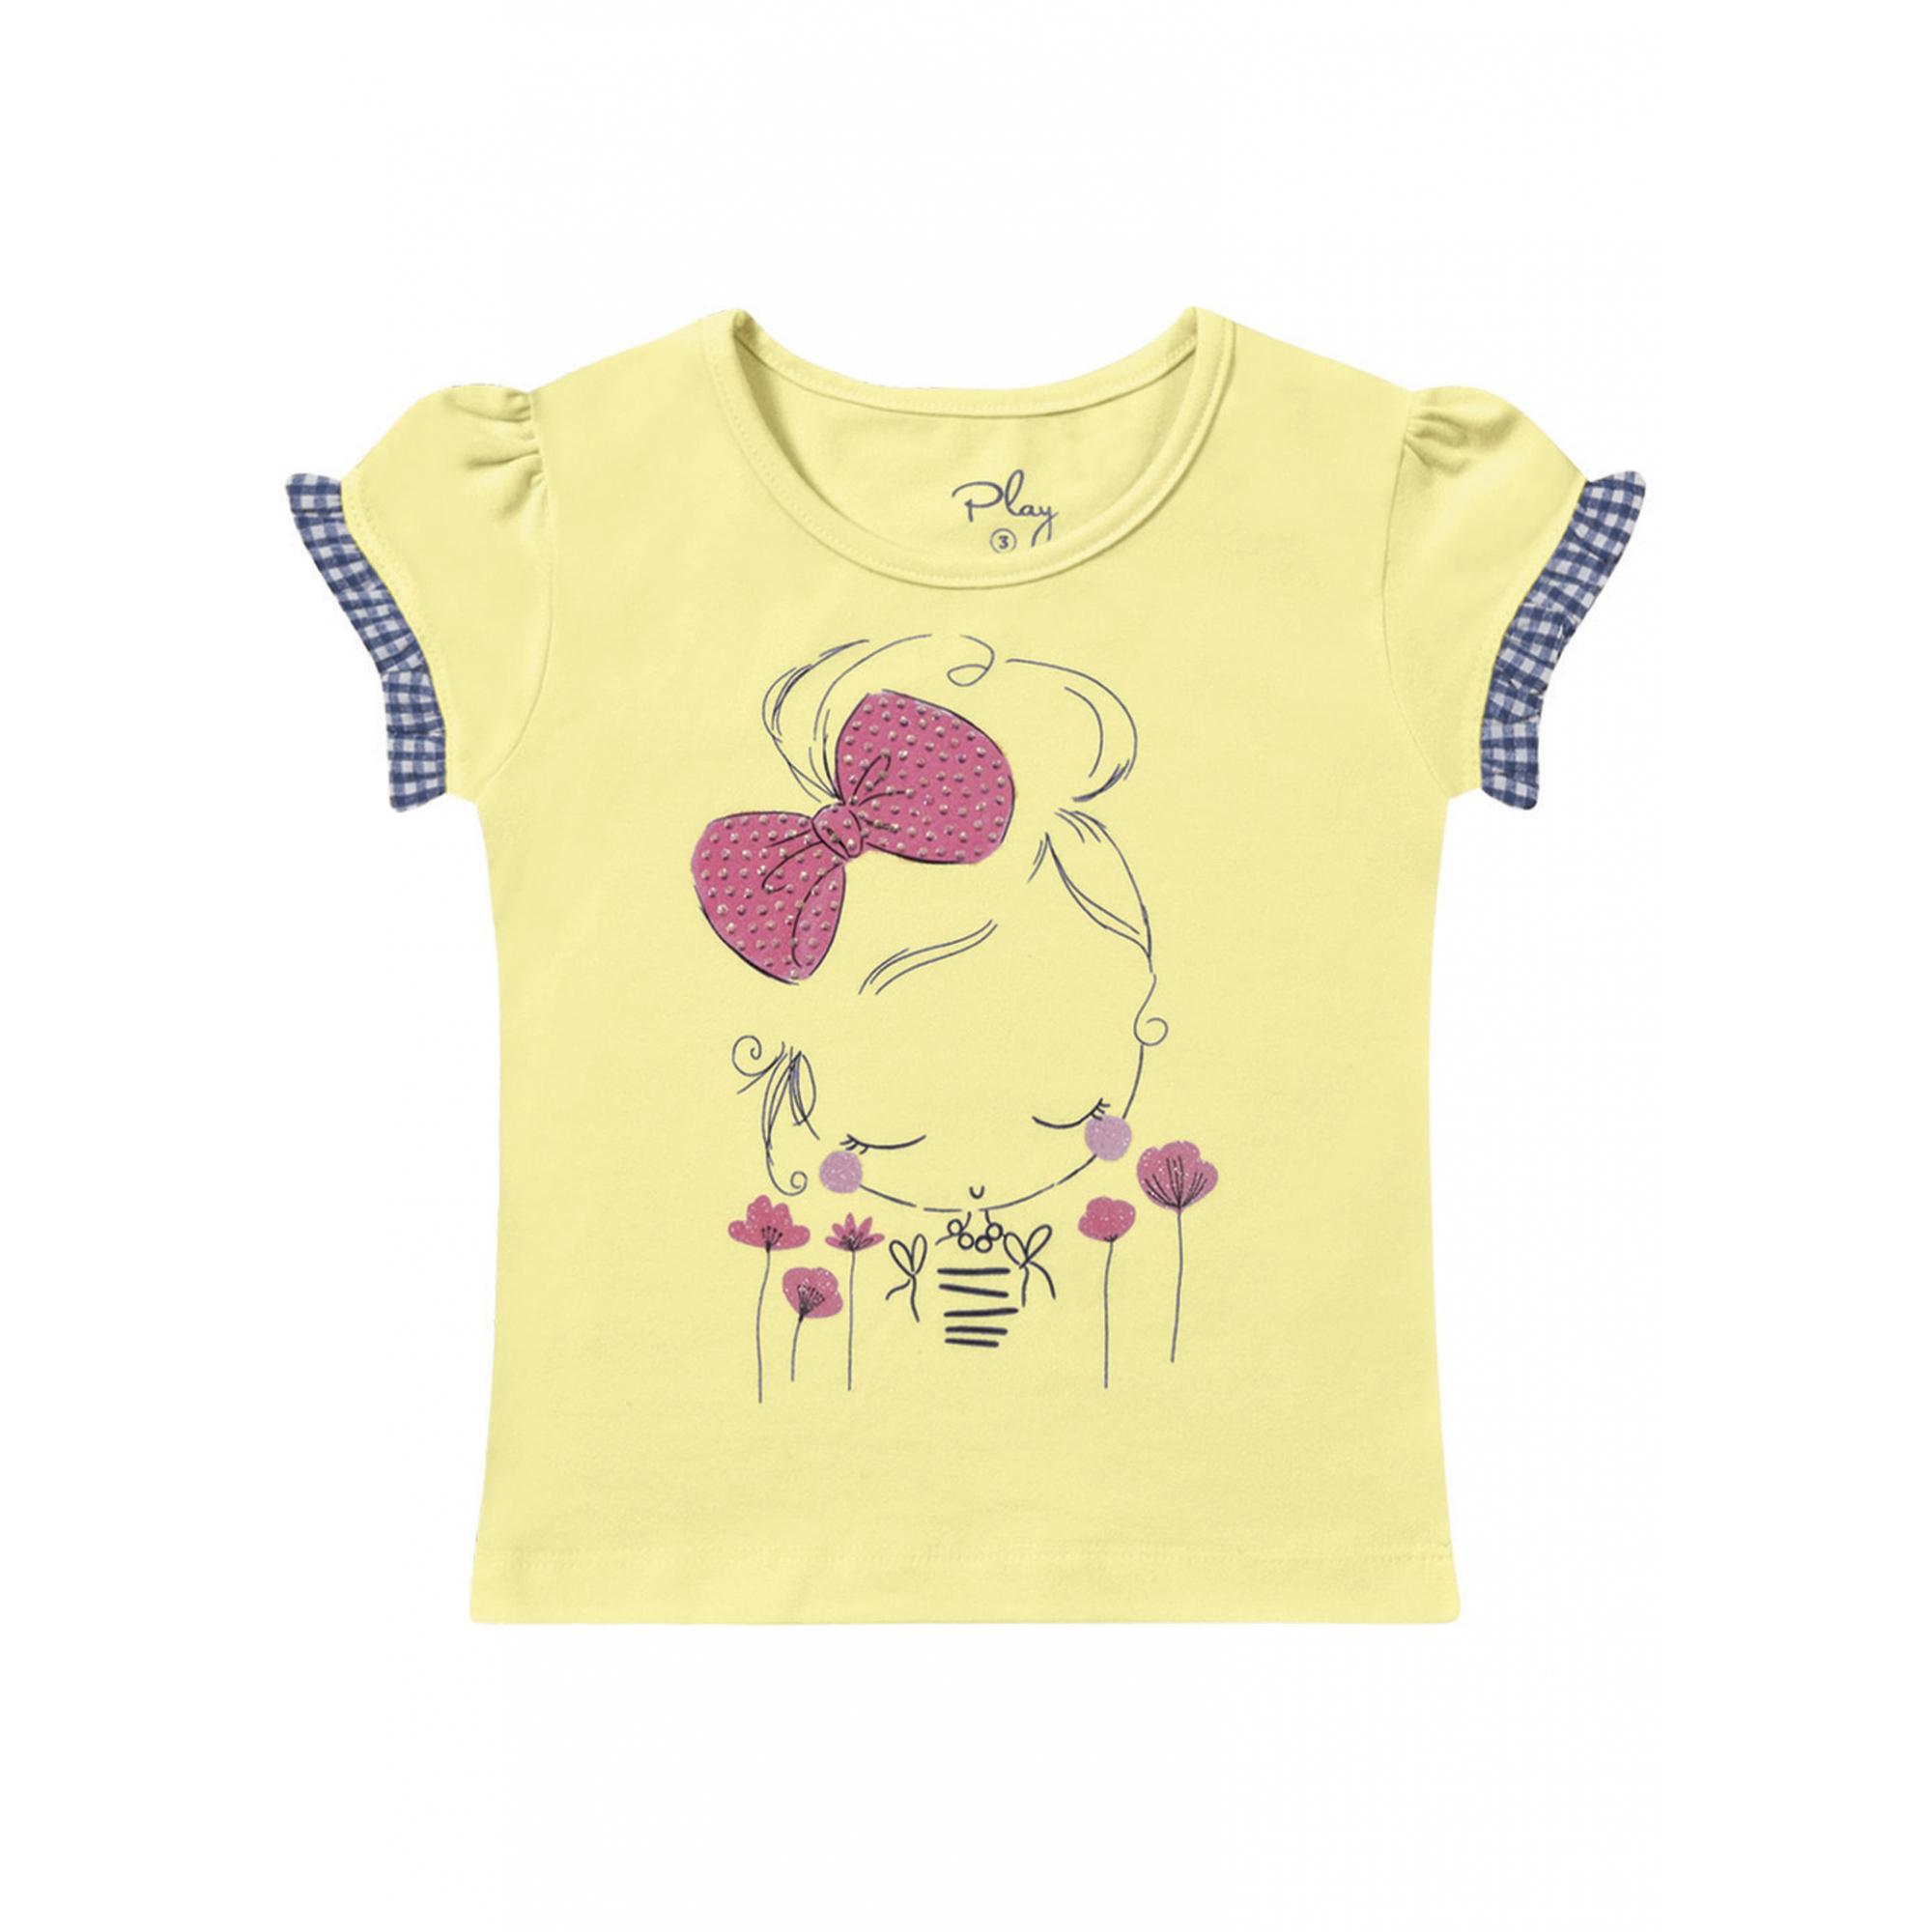 Blusa Infantil Menina e Laço com Strass - Playground